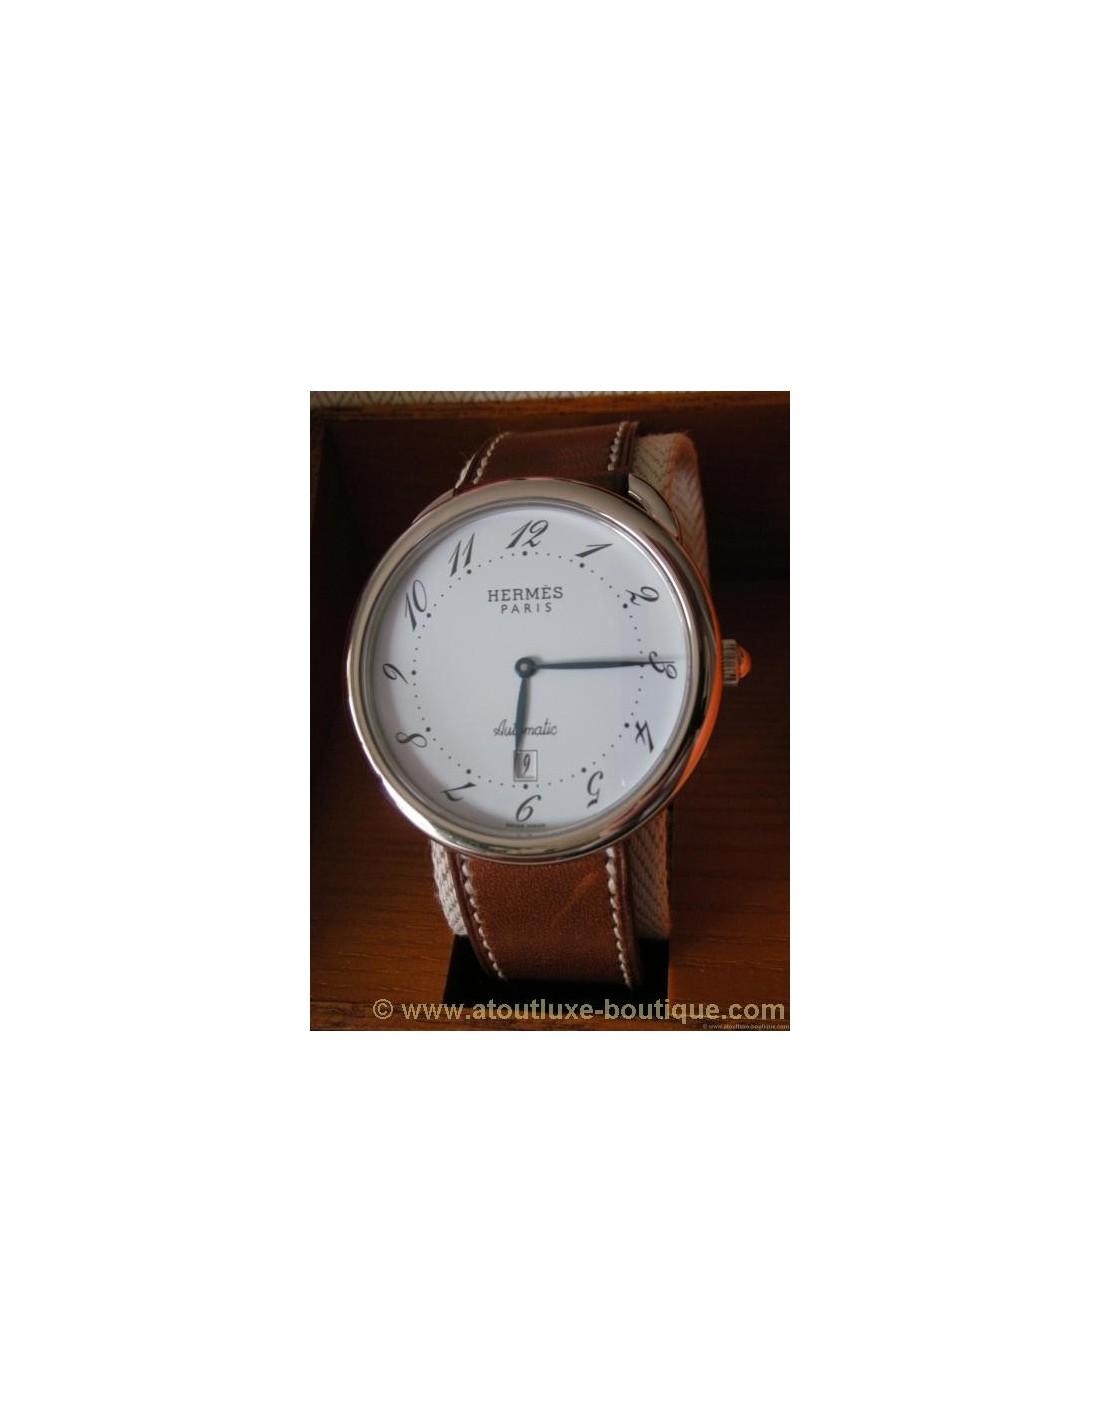 04ad47190ca MONTRE HERMES ARCEAU GRAND MODELE HOMME - Atoutluxe Boutique